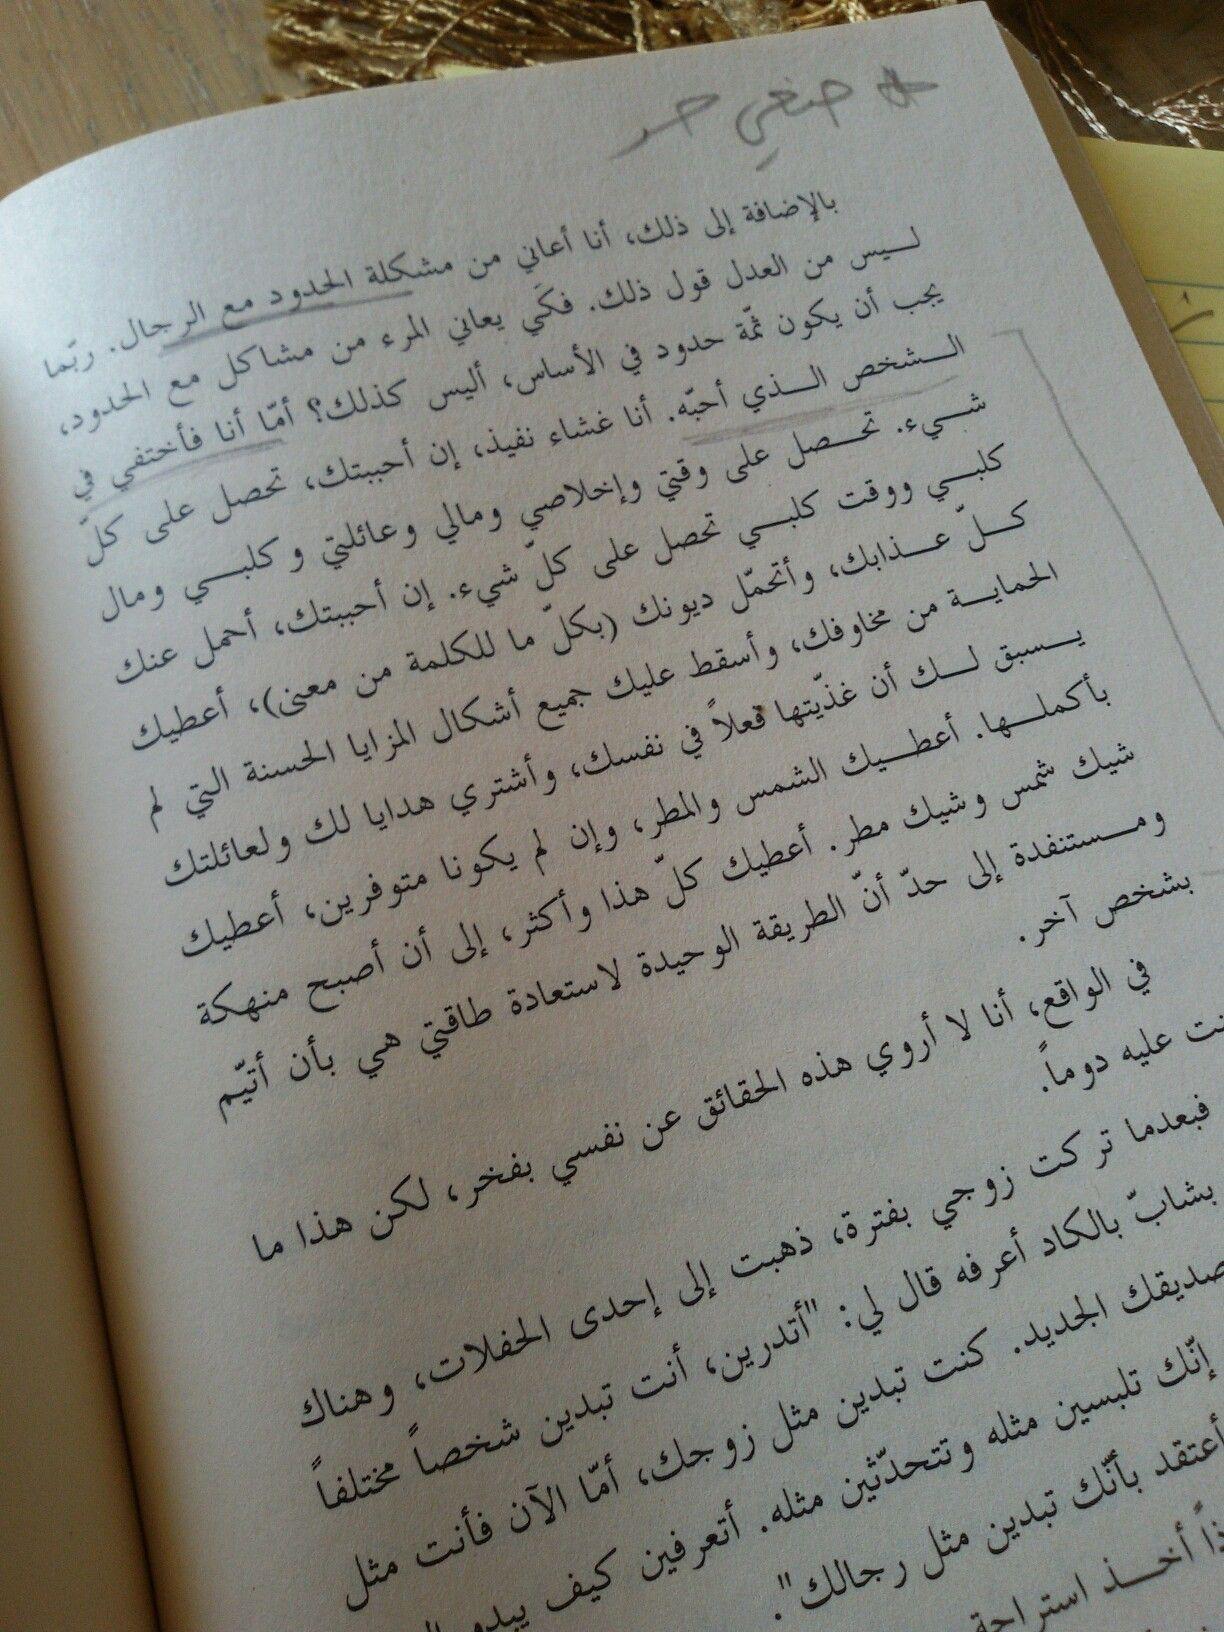 كتاب اليزابيث جيلبرت طعام صلاة حب يستحق القراااءة تفاصيل ملهمه